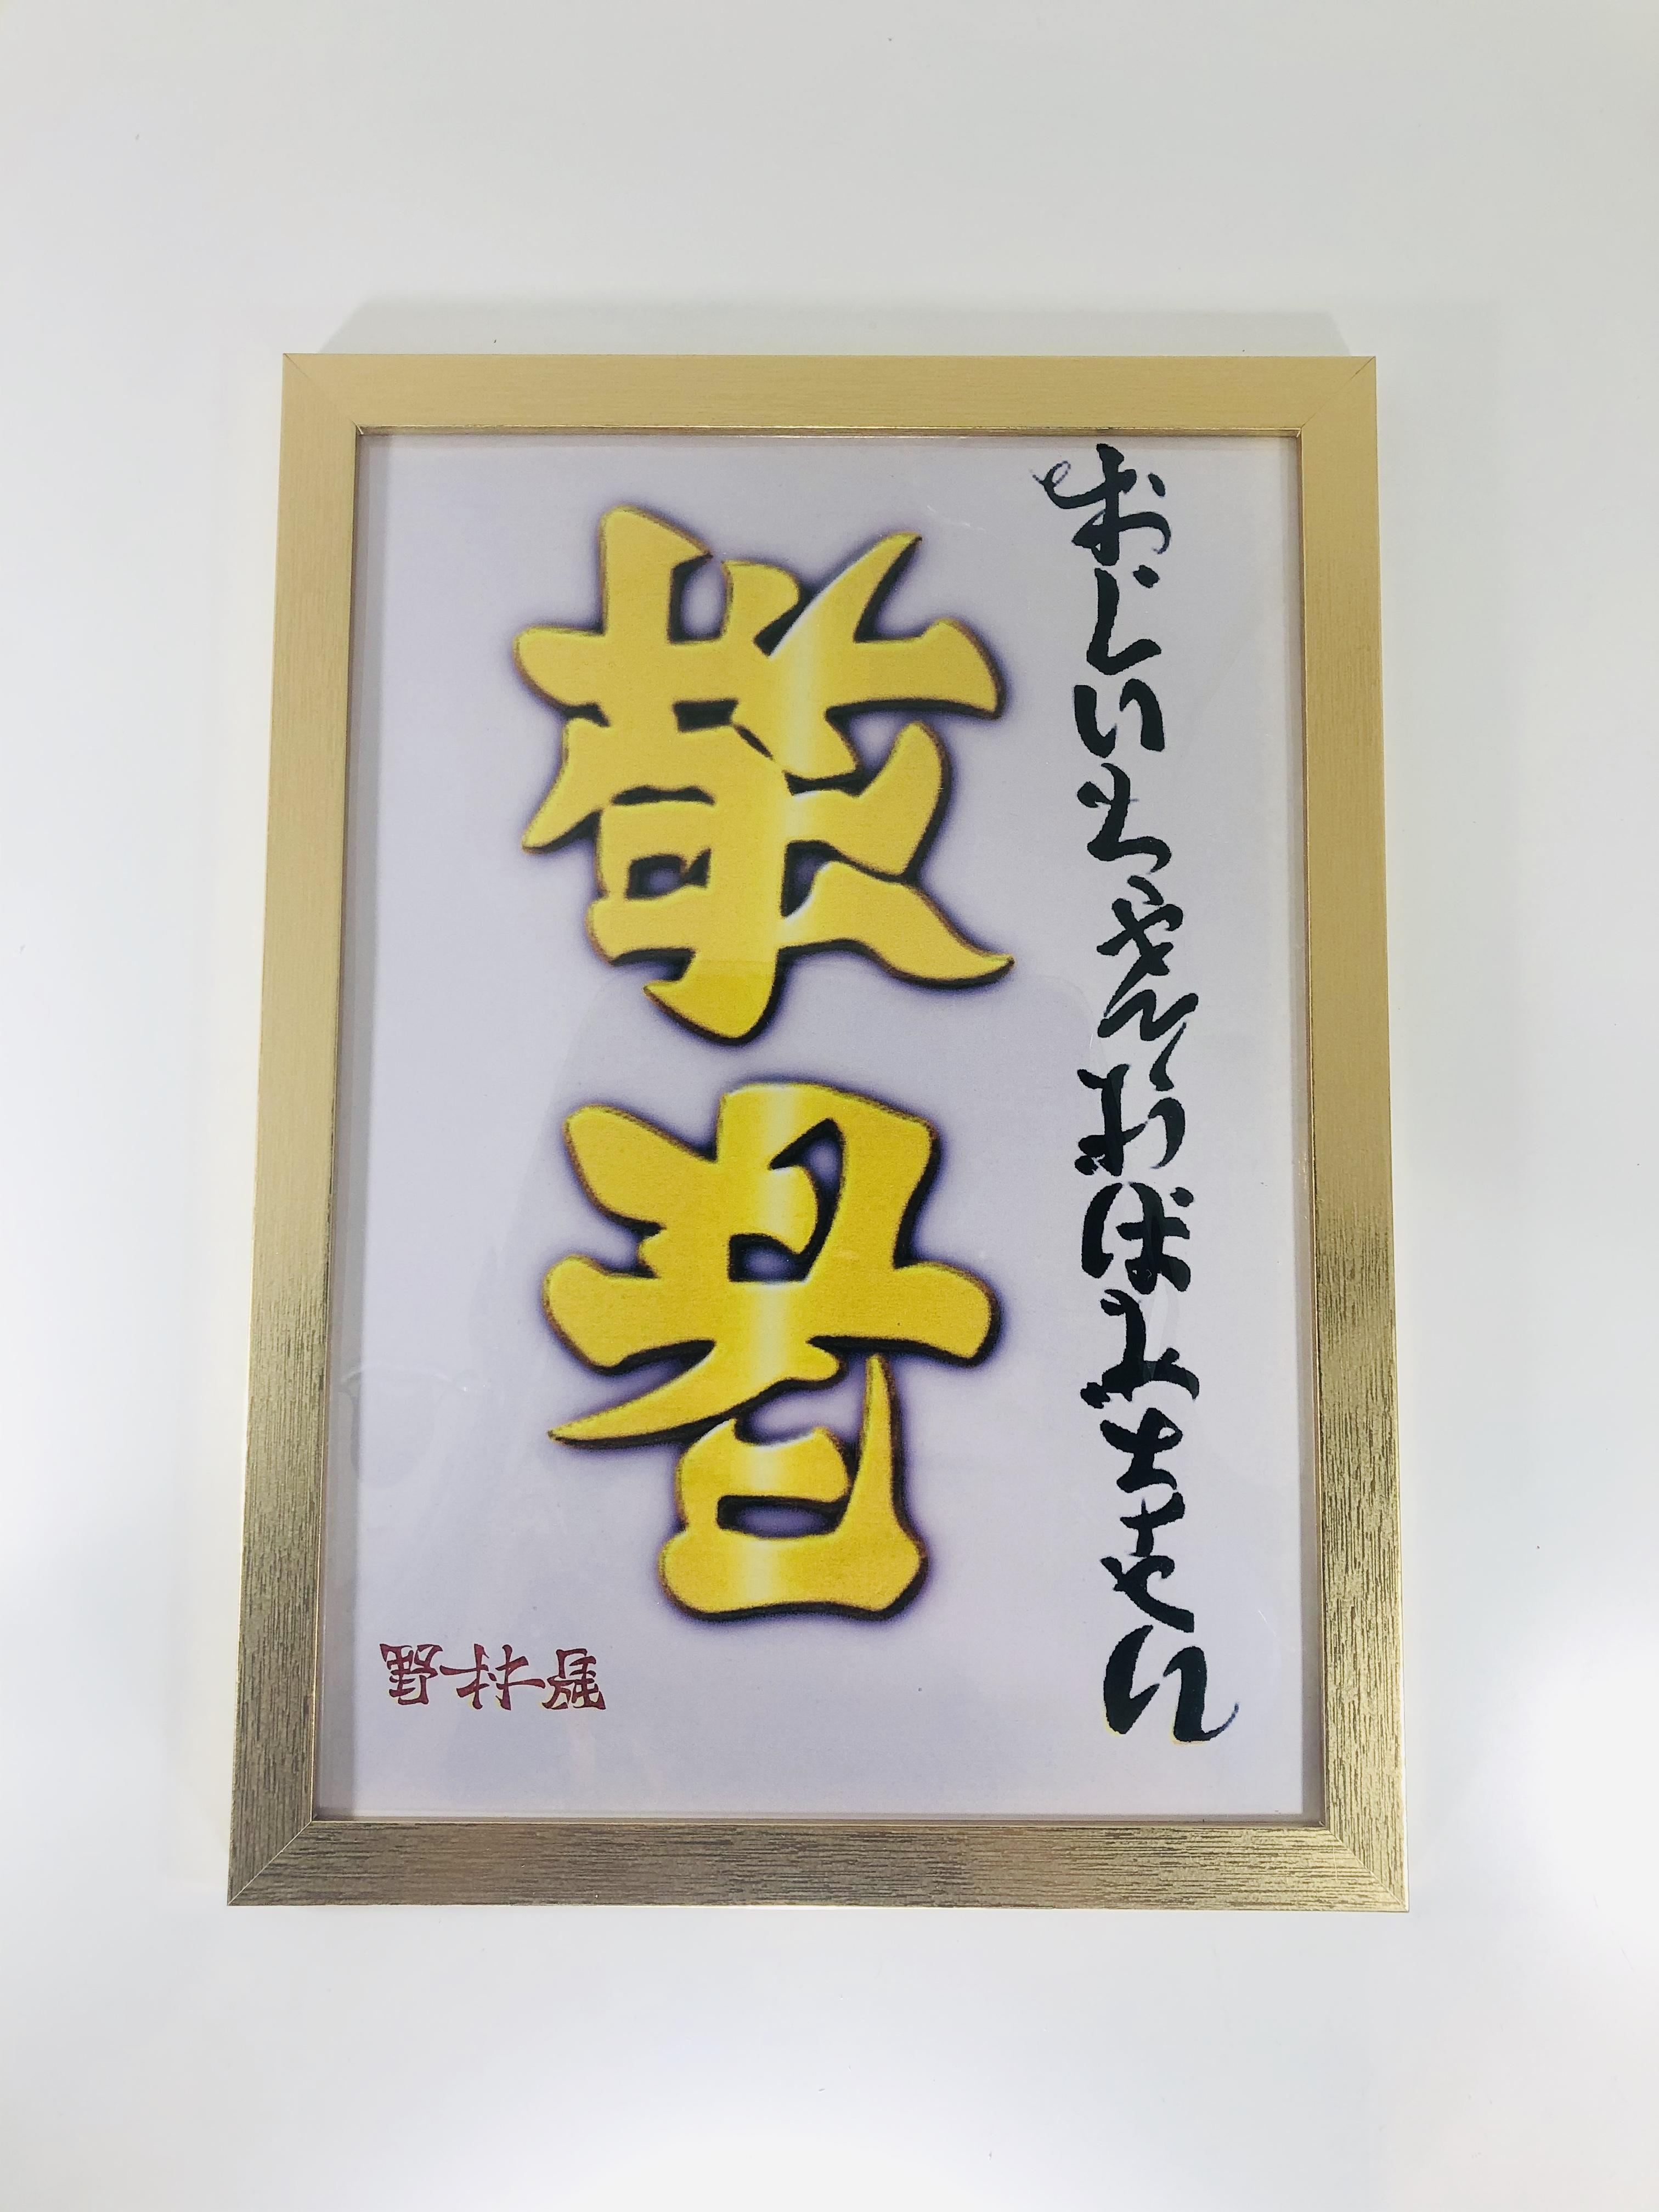 「敬老⇔長寿」作品(A4サイズ、額装済、ゴールド)